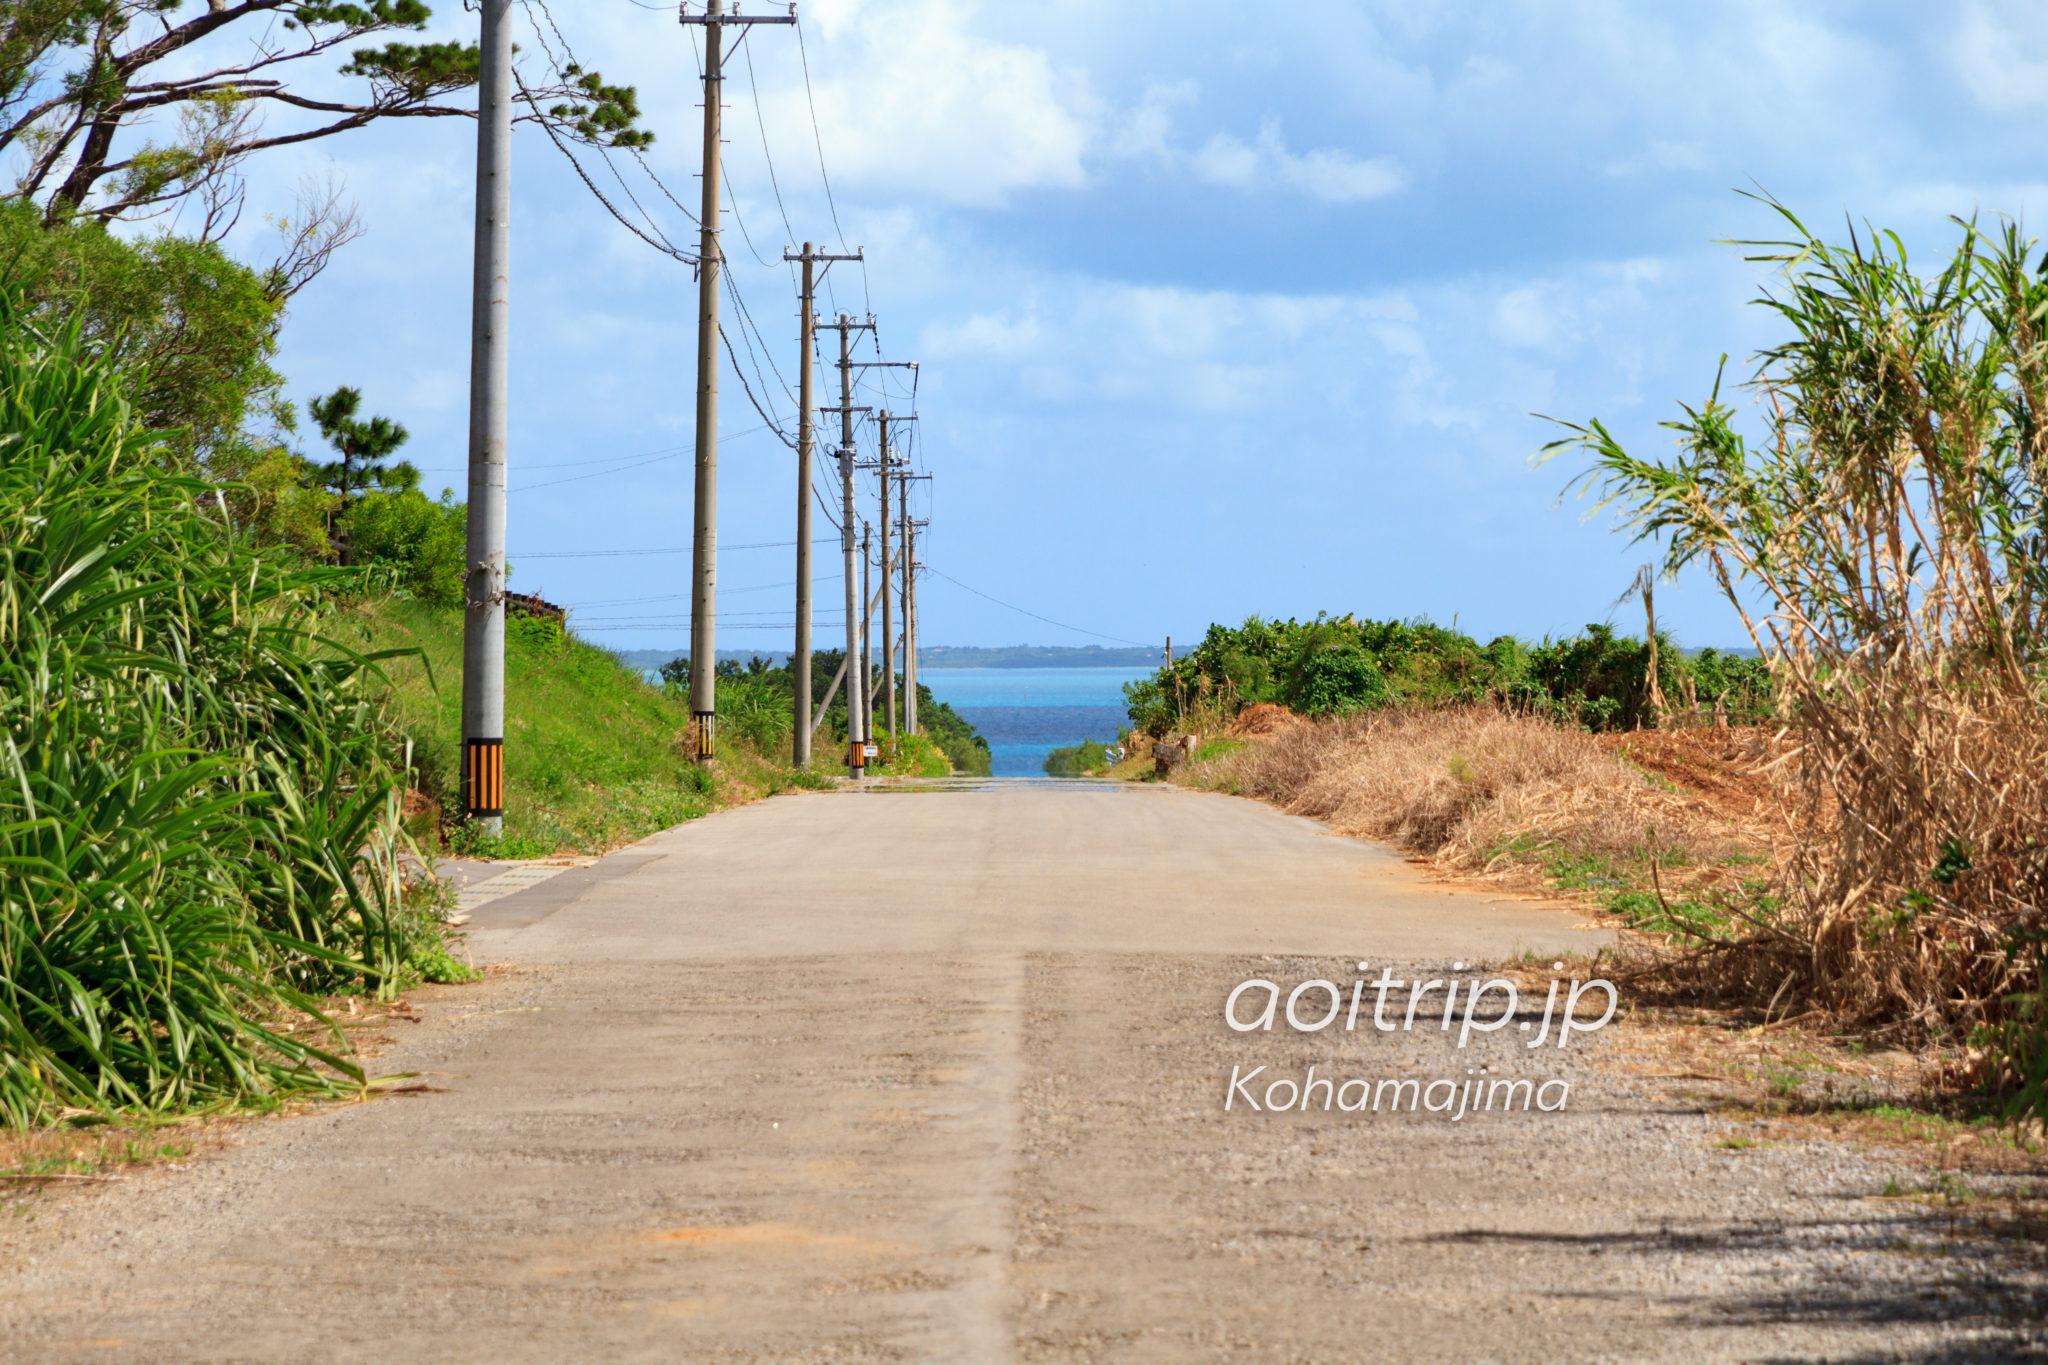 小浜島 観光の見どころ(沖縄・八重山諸島)